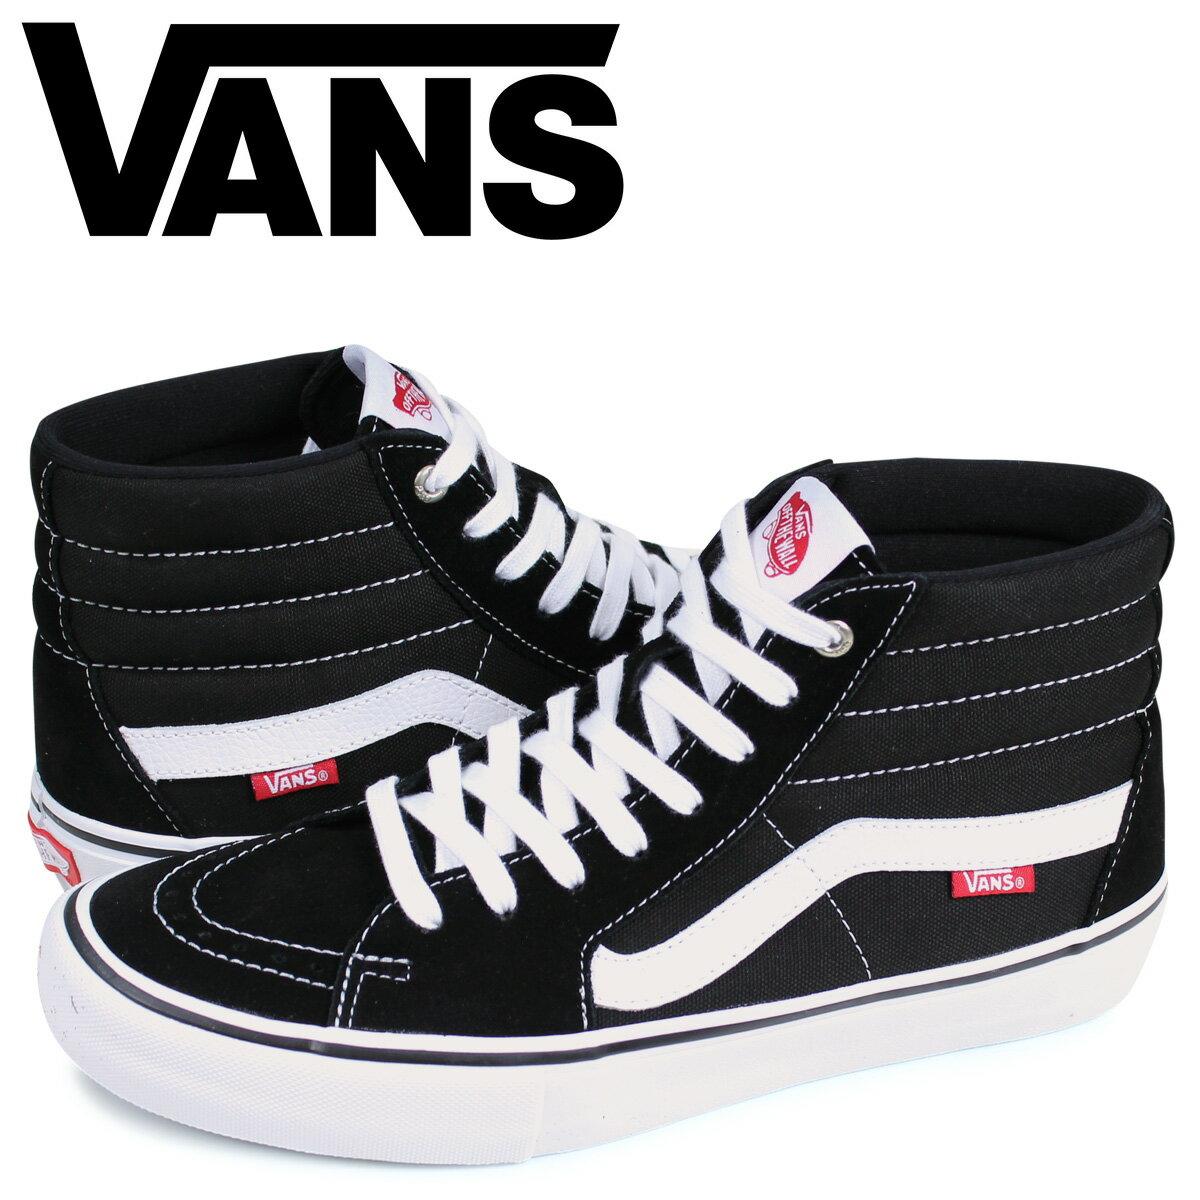 メンズ靴, スニーカー 2000OFF VANS SK8-HI PRO VN000VHGY28